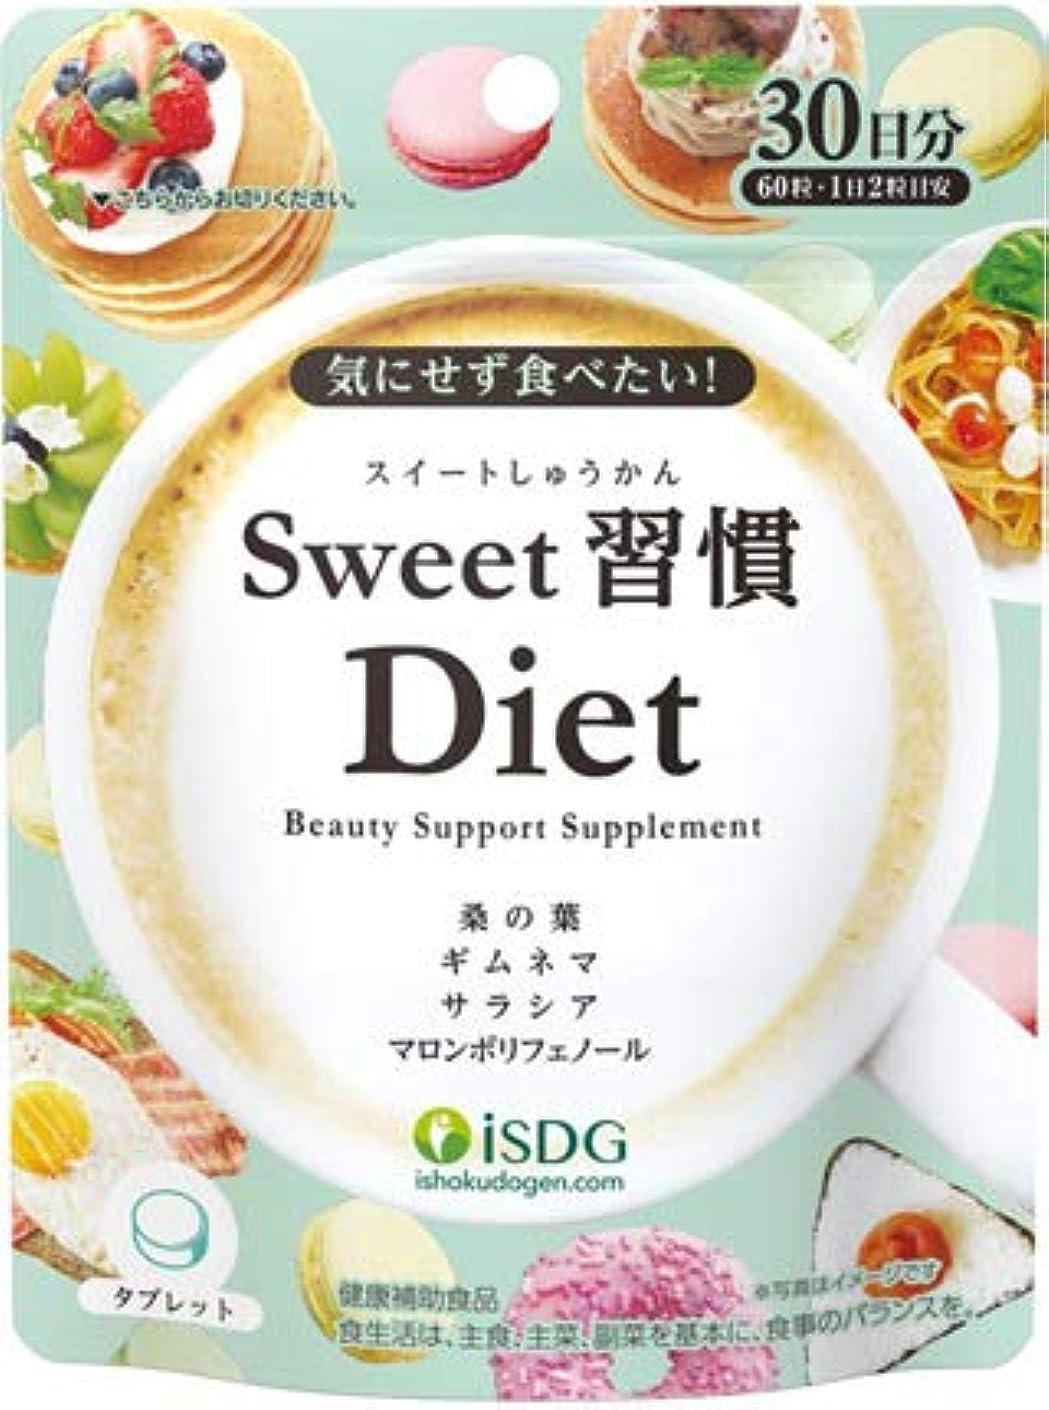 浪費国ラメ医食同源ドットコム 医食同源 Sweet 習慣 Diet 60粒×5個セット スイート ダイエット